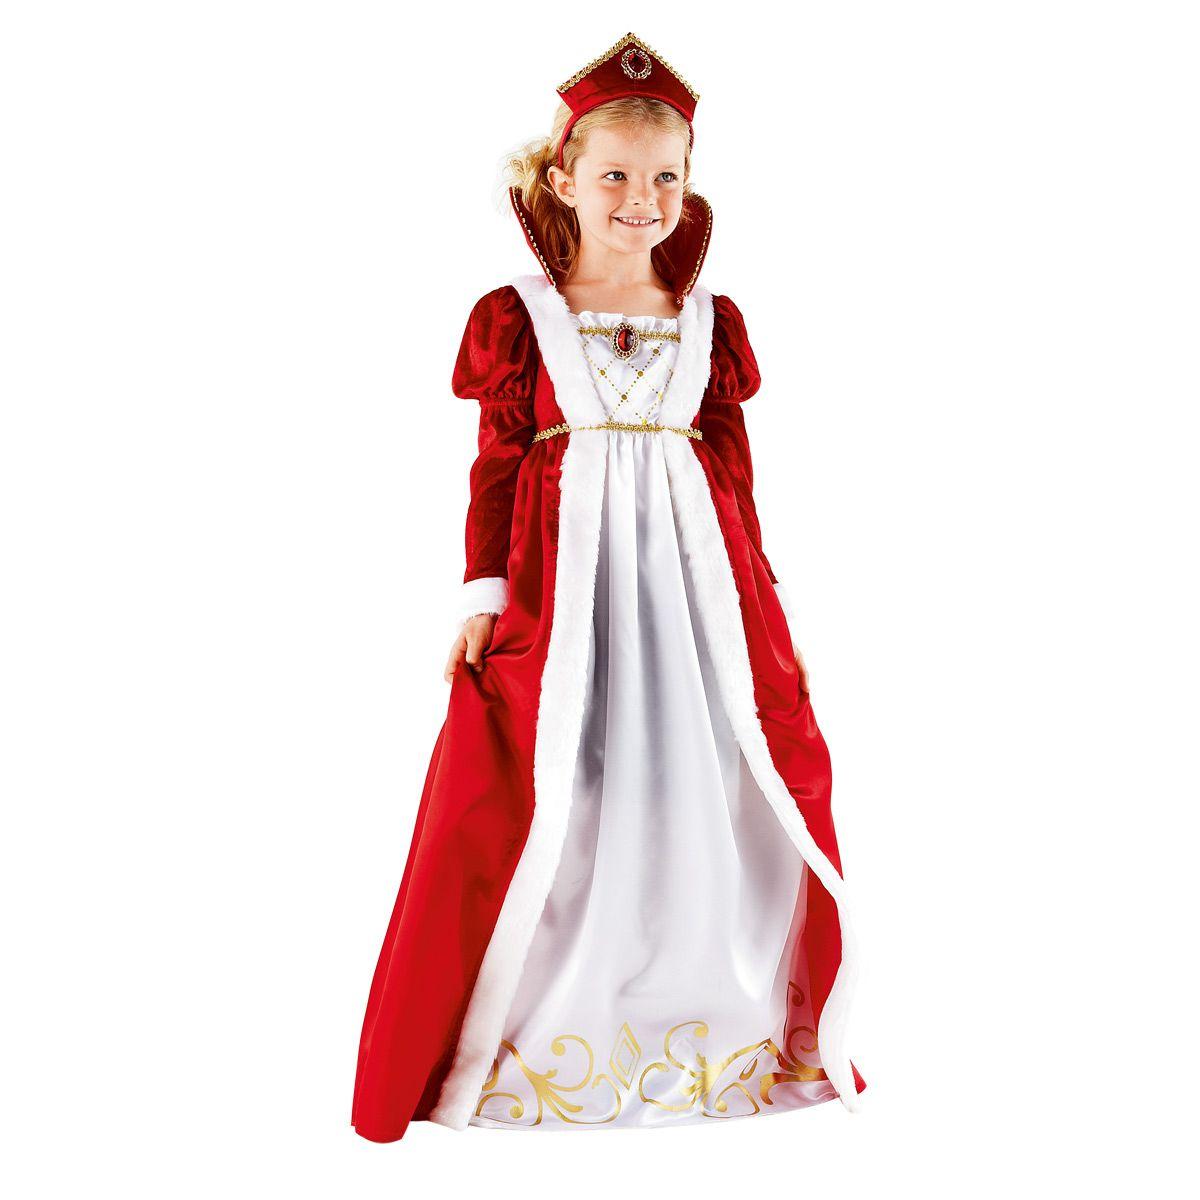 D guisement imp ratrice jos phine 8 10 ans oxybul pour enfant de 8 ans 10 ans oxybul veil - Deguisement princesse aurore ...